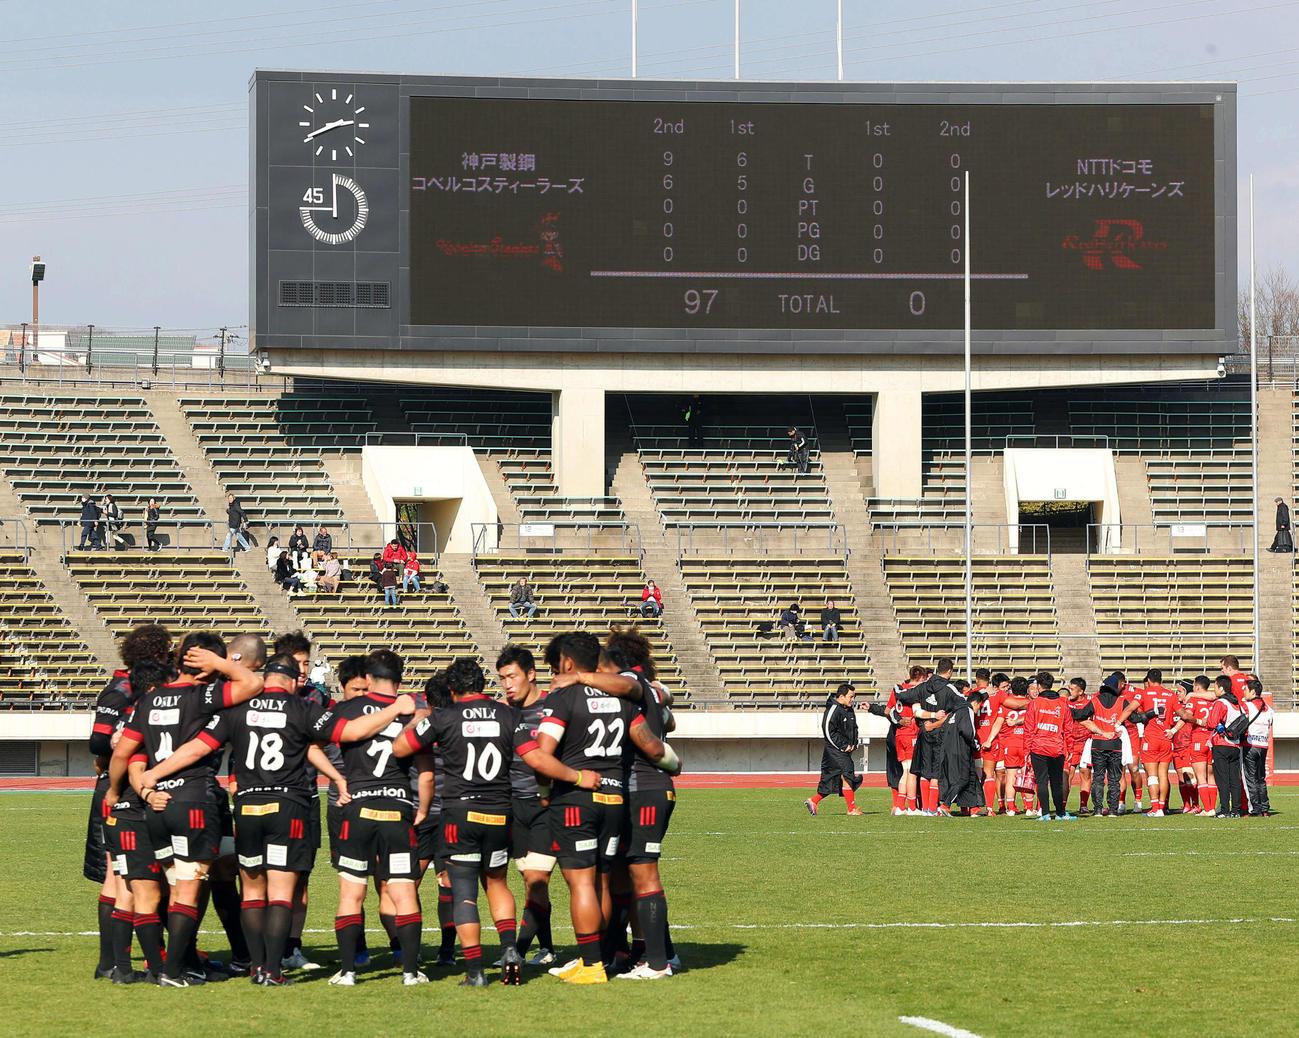 神戸製鋼(右奥)がNTTドコモにトップリーグ史上最多得点差となる97-0で大勝(2020年2月2日撮影)